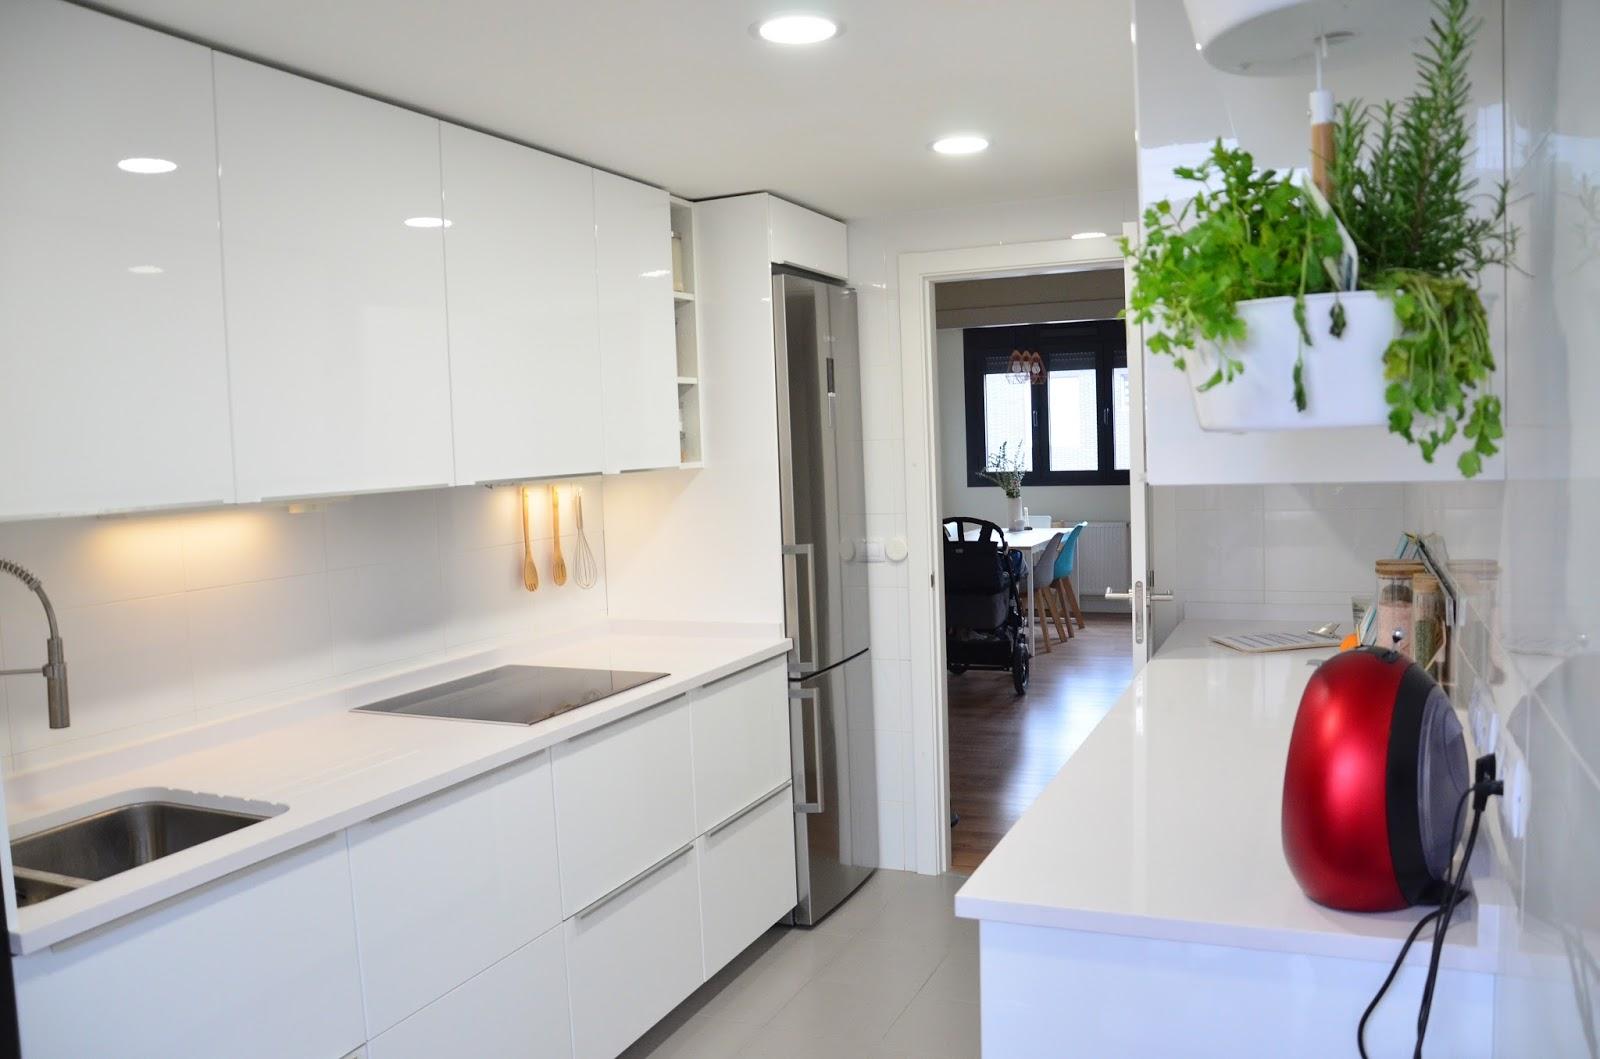 Cambiar Azulejos Cocina Sin Obra En Esta Foto Se Aprecia El  ~ Cambiar Azulejos Cocina Sin Obra